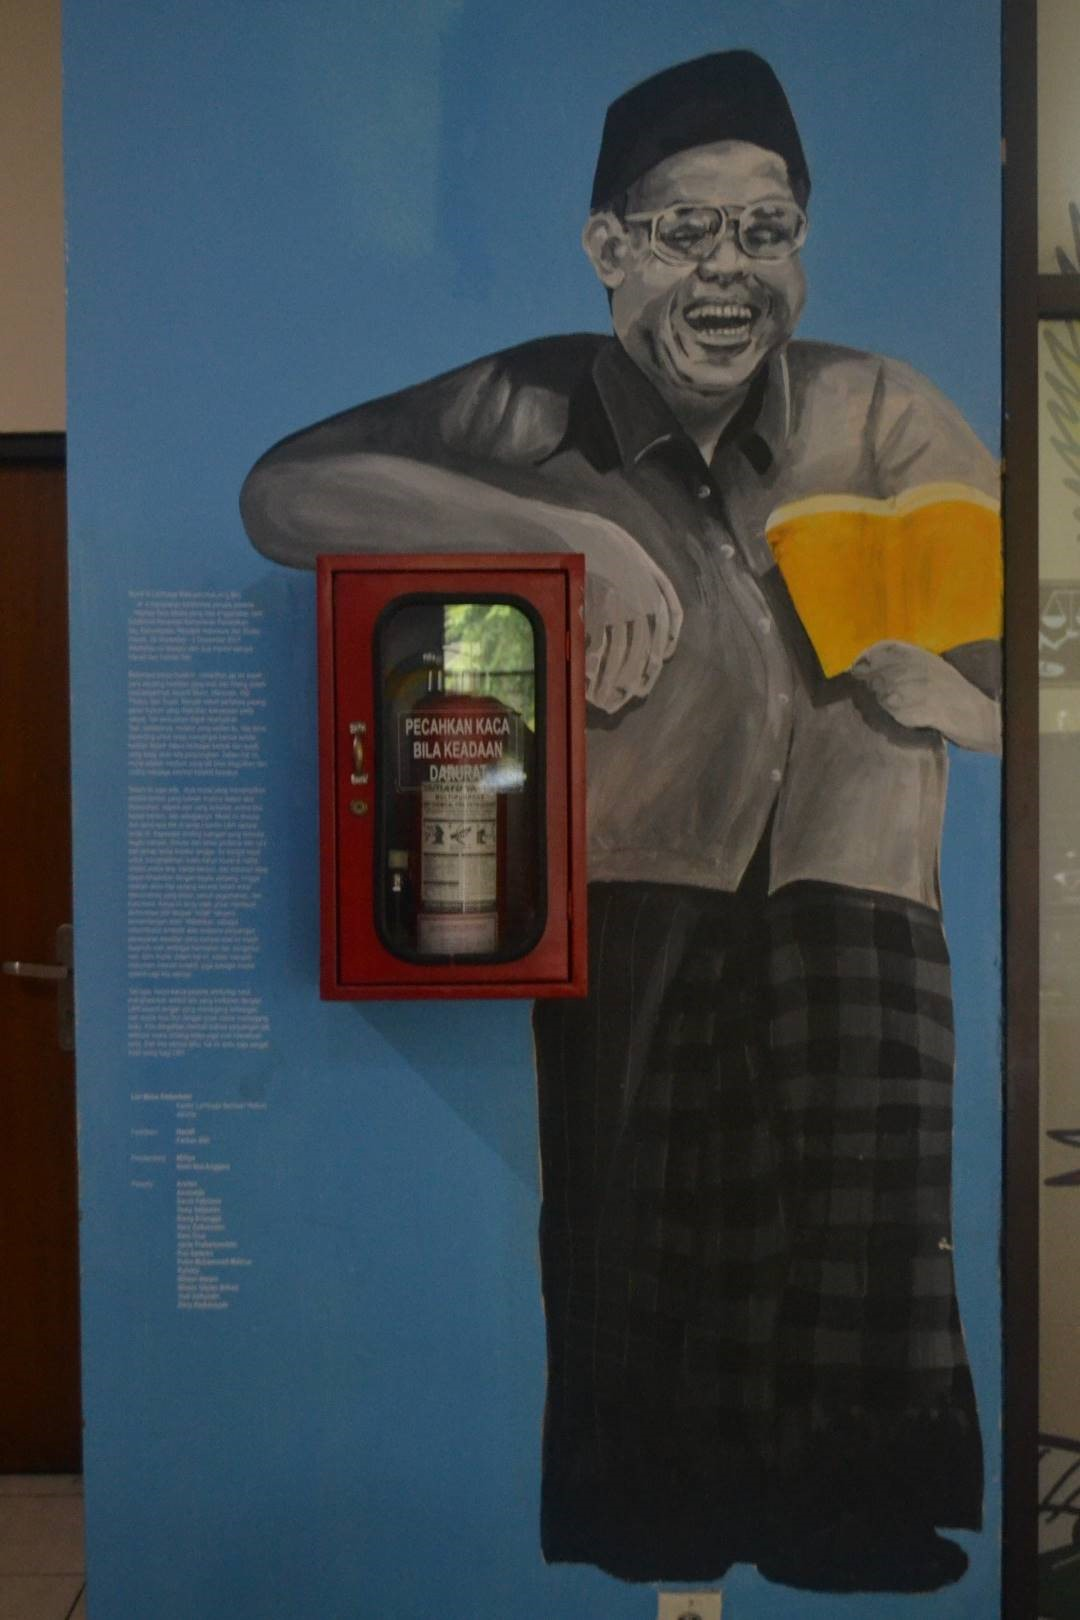 Di depan ruang konsultasi LBH Jakarta terdapat mural Gus Dur dengan pose santai memegang buku. Dalam mural ini kita diingatkan bahwa perjuangan tak hanya sekedar suara yang lantang, tetapi juga soal intelektualisme. Di sebelah mural Gus Dur terdapat penjelasan tentang arti mural di gedung Kantor Lembaga Bantuan Hukum serta nama-nama orang yang membantu menyukseskan pembuatan mural ini.